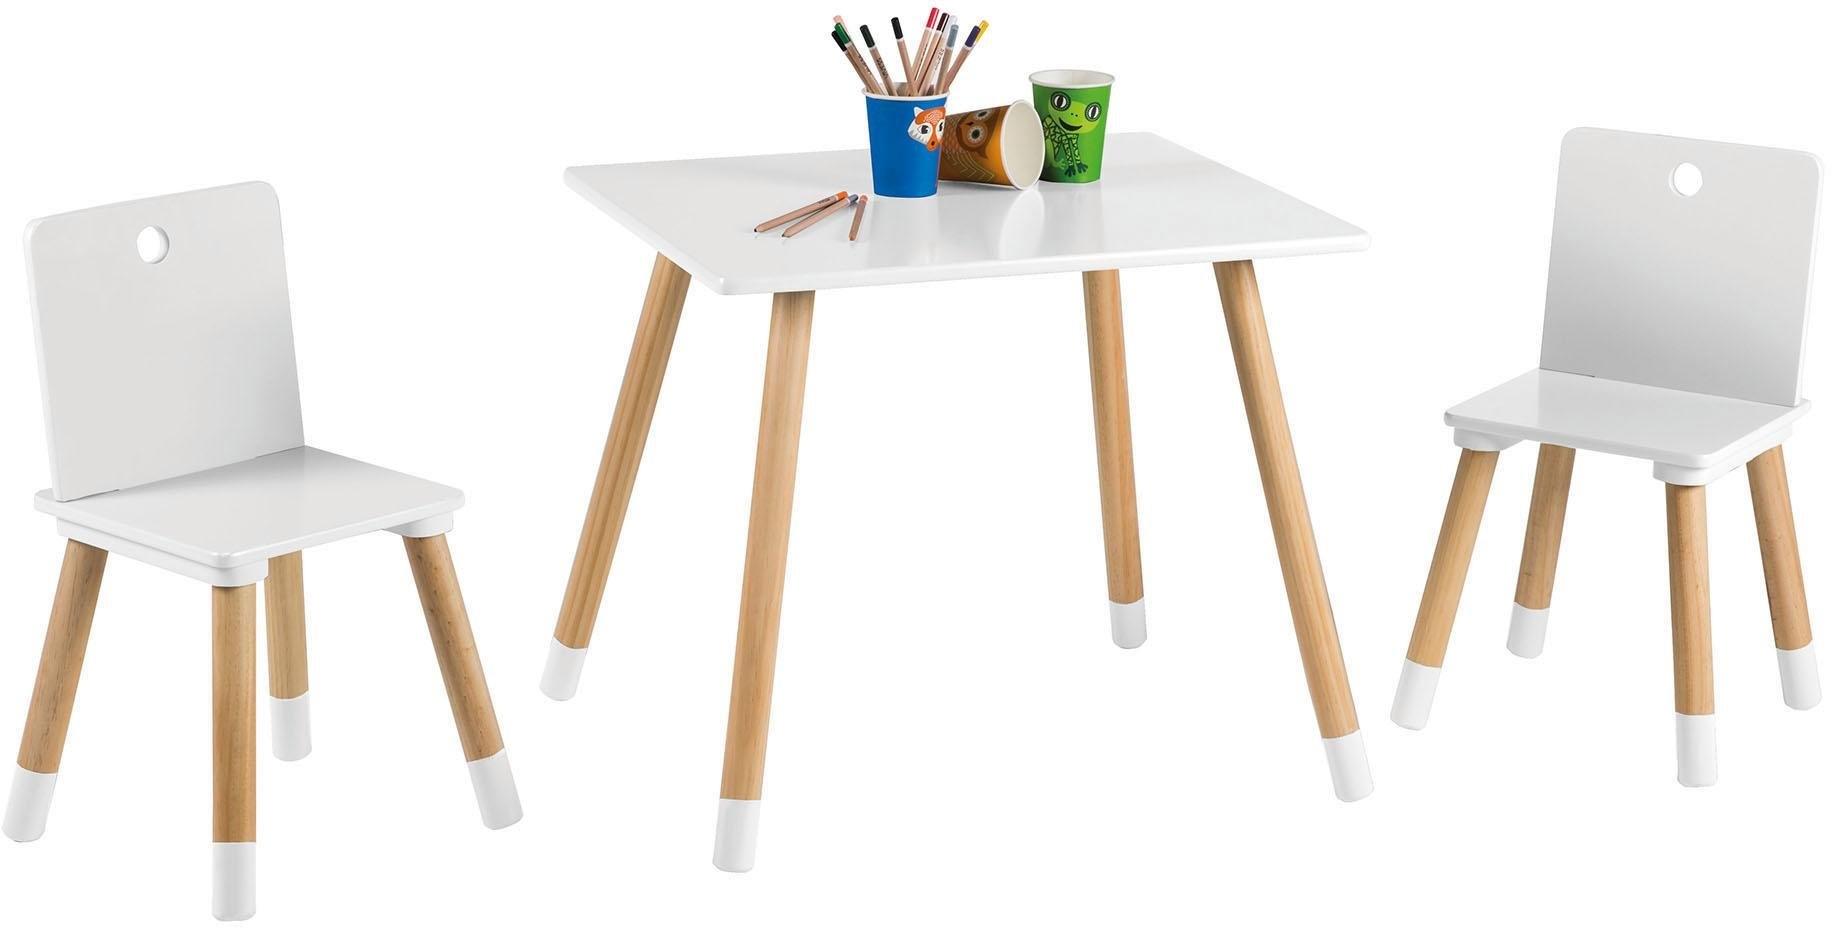 Roba tafel en stoelen voor kinderen »kinderzithoek wit« online